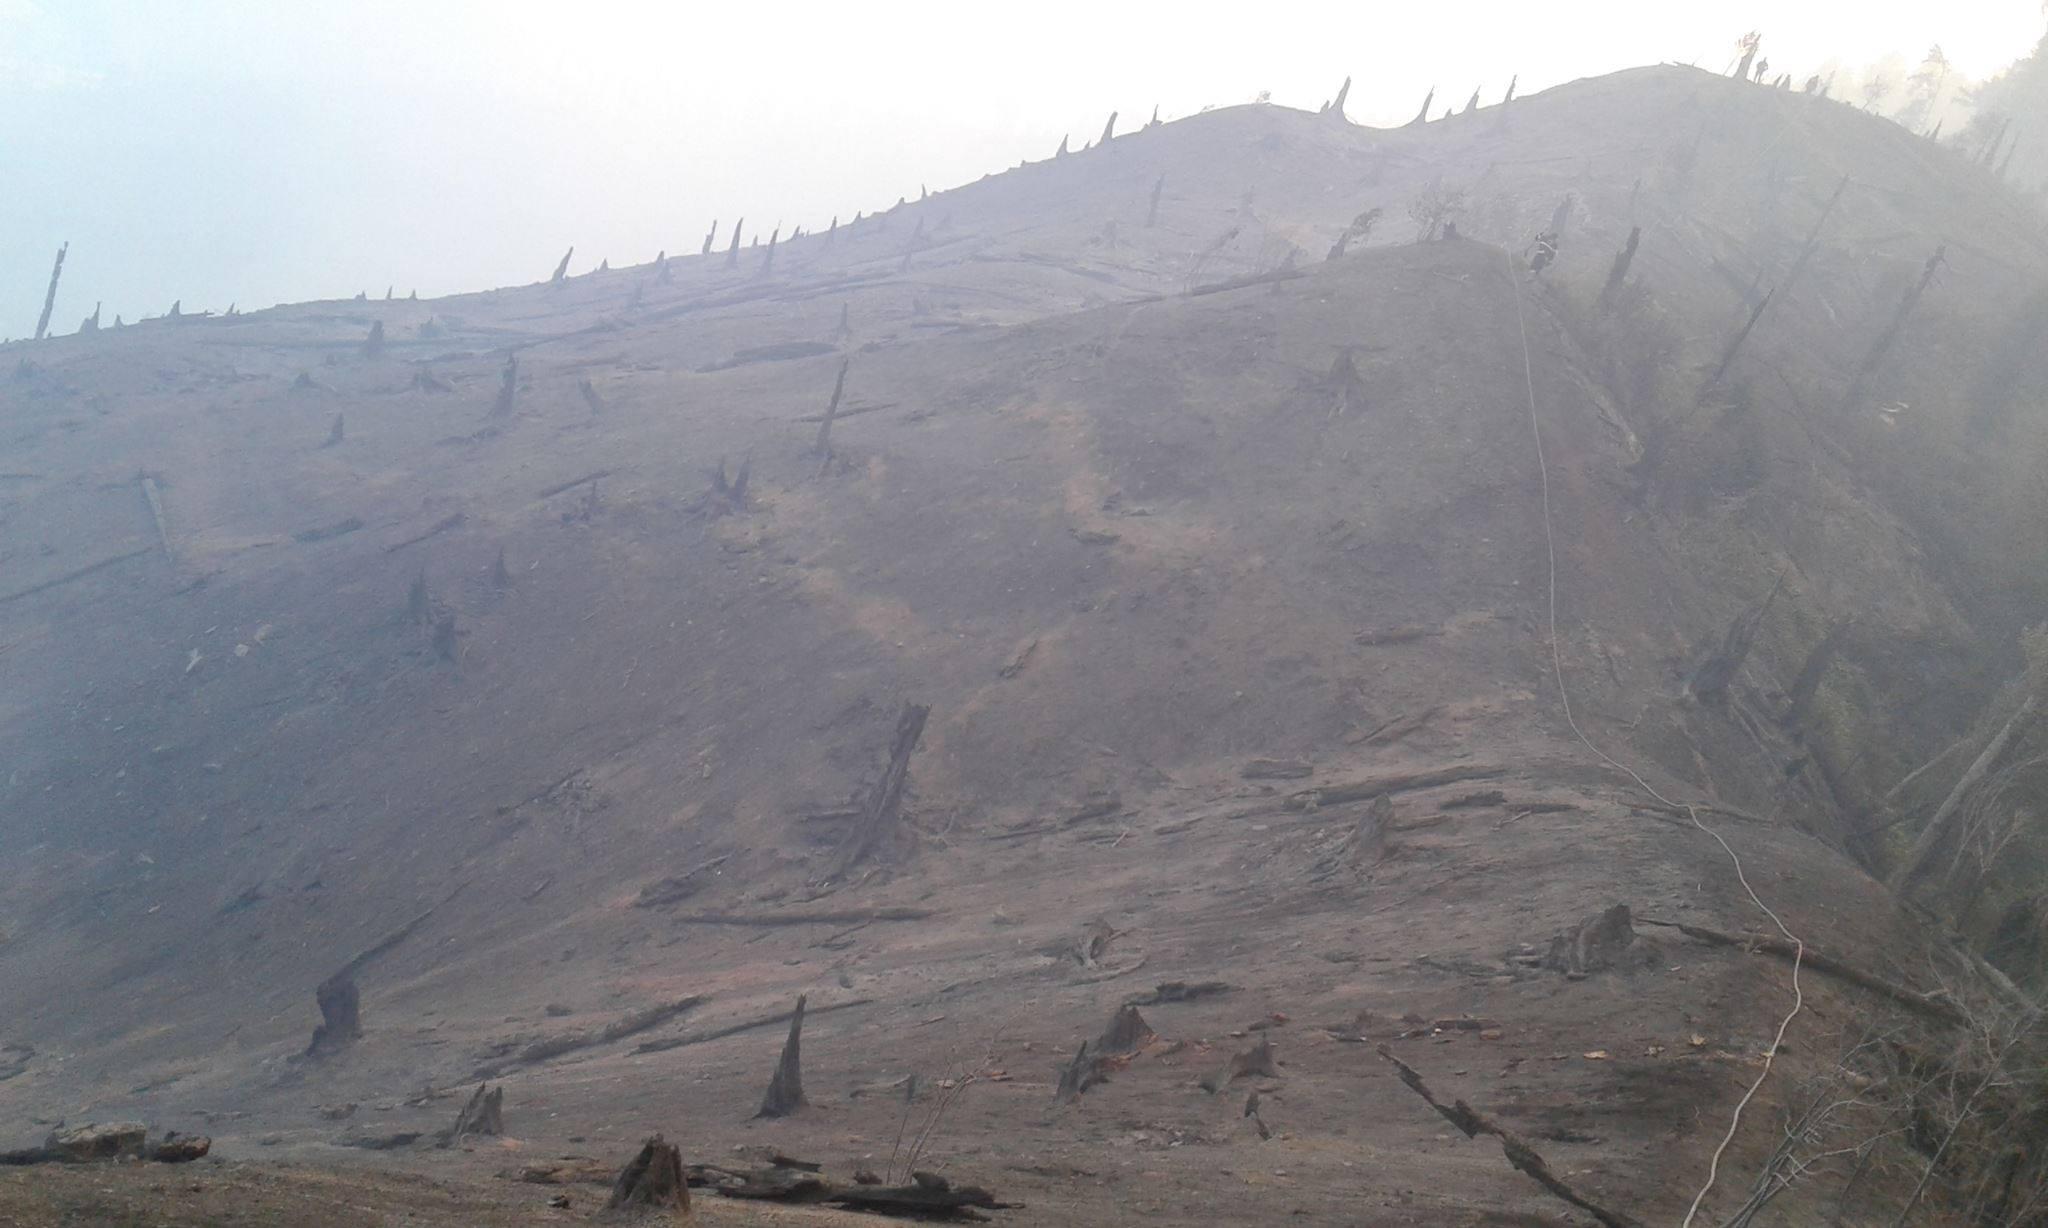 20989003 2163669920328390 2981086301737618932 o #фоторепортаж Боржомское ущелье, Грузия, пожар, фото